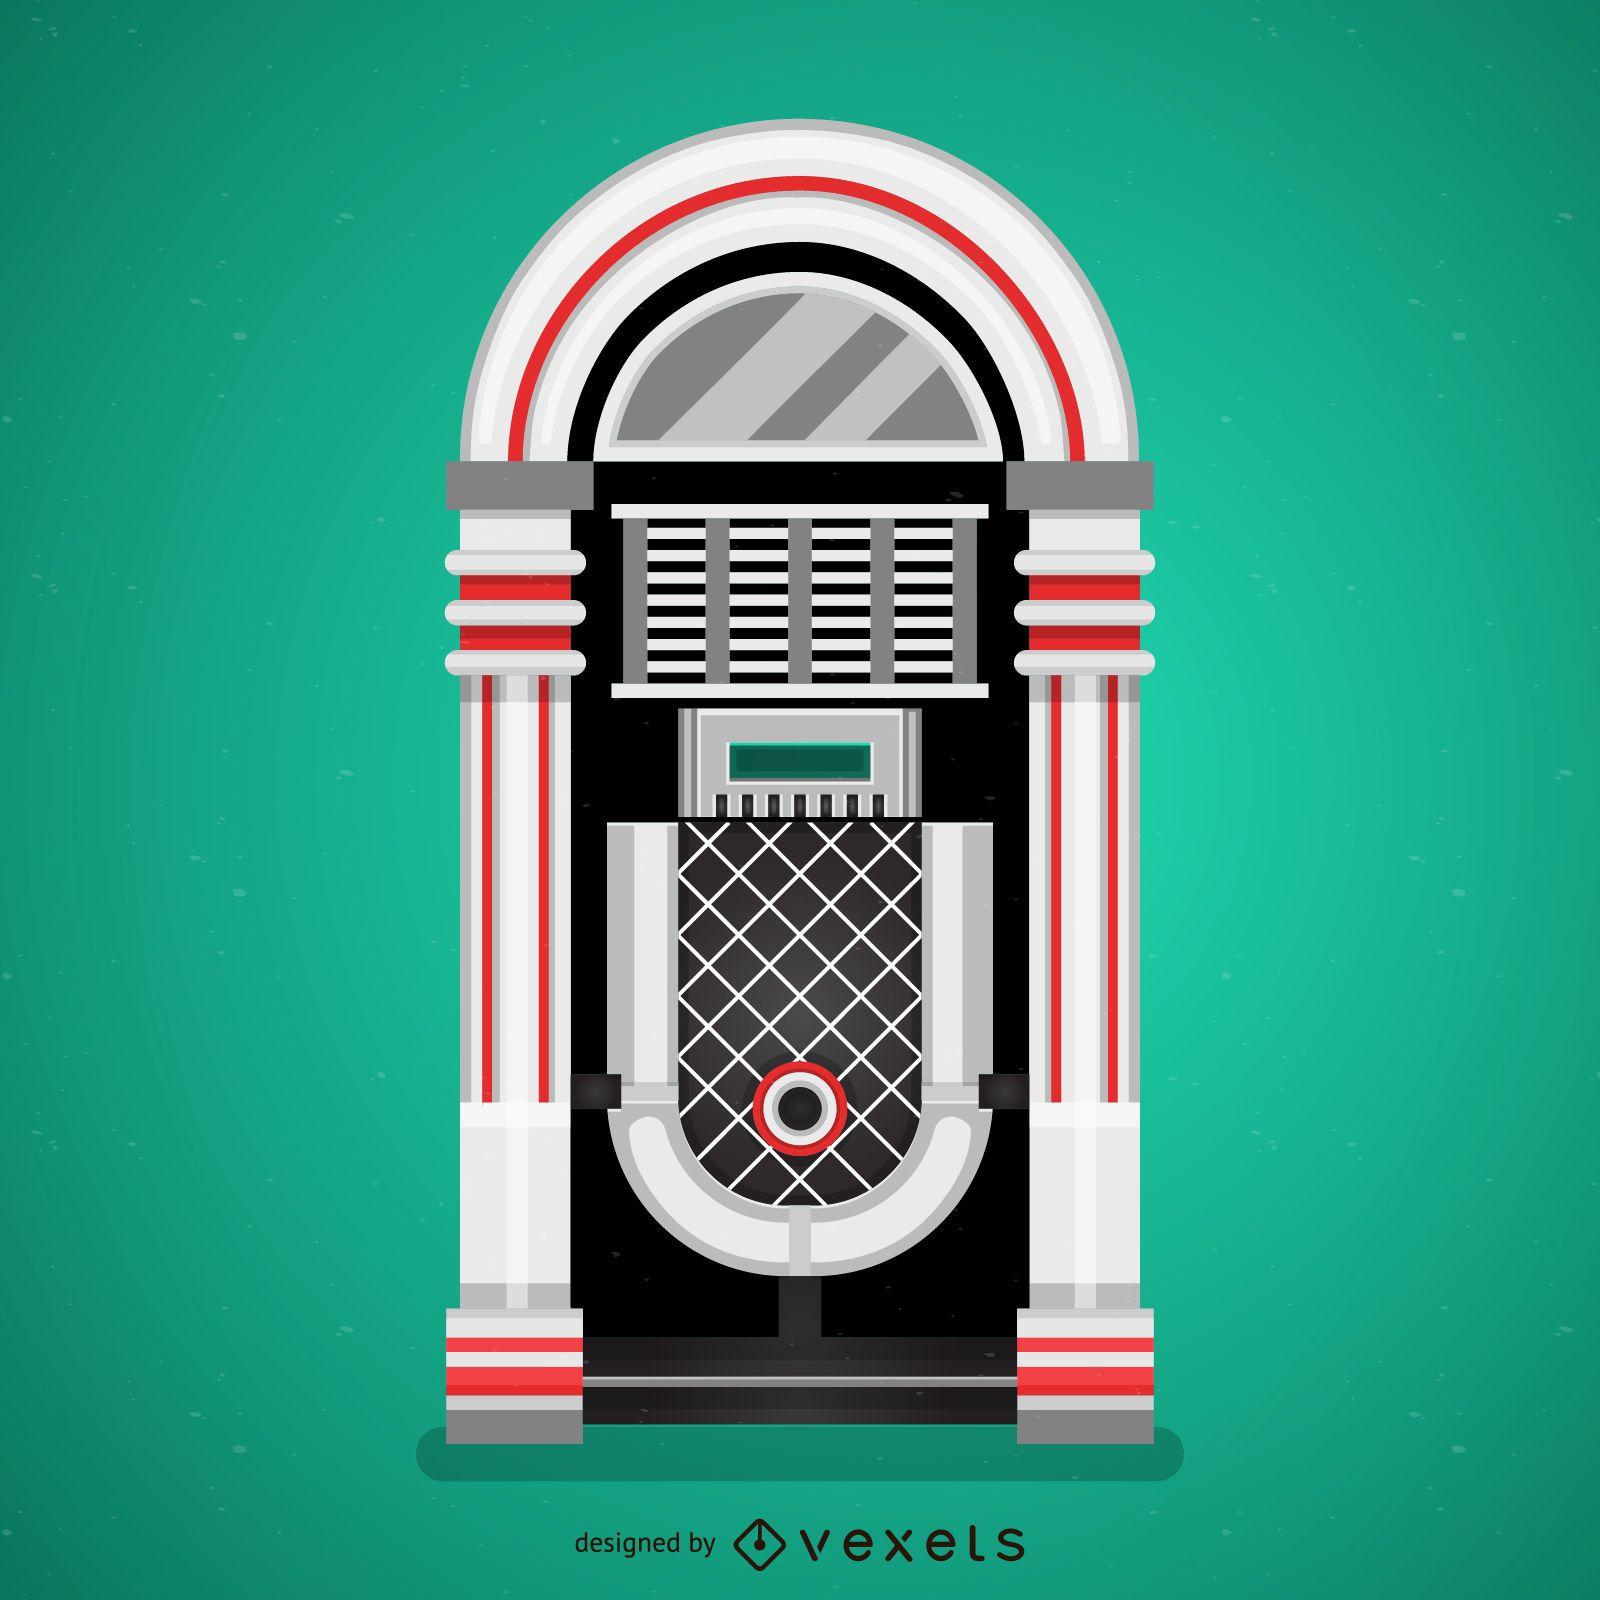 Flat vintage jukebox illustration